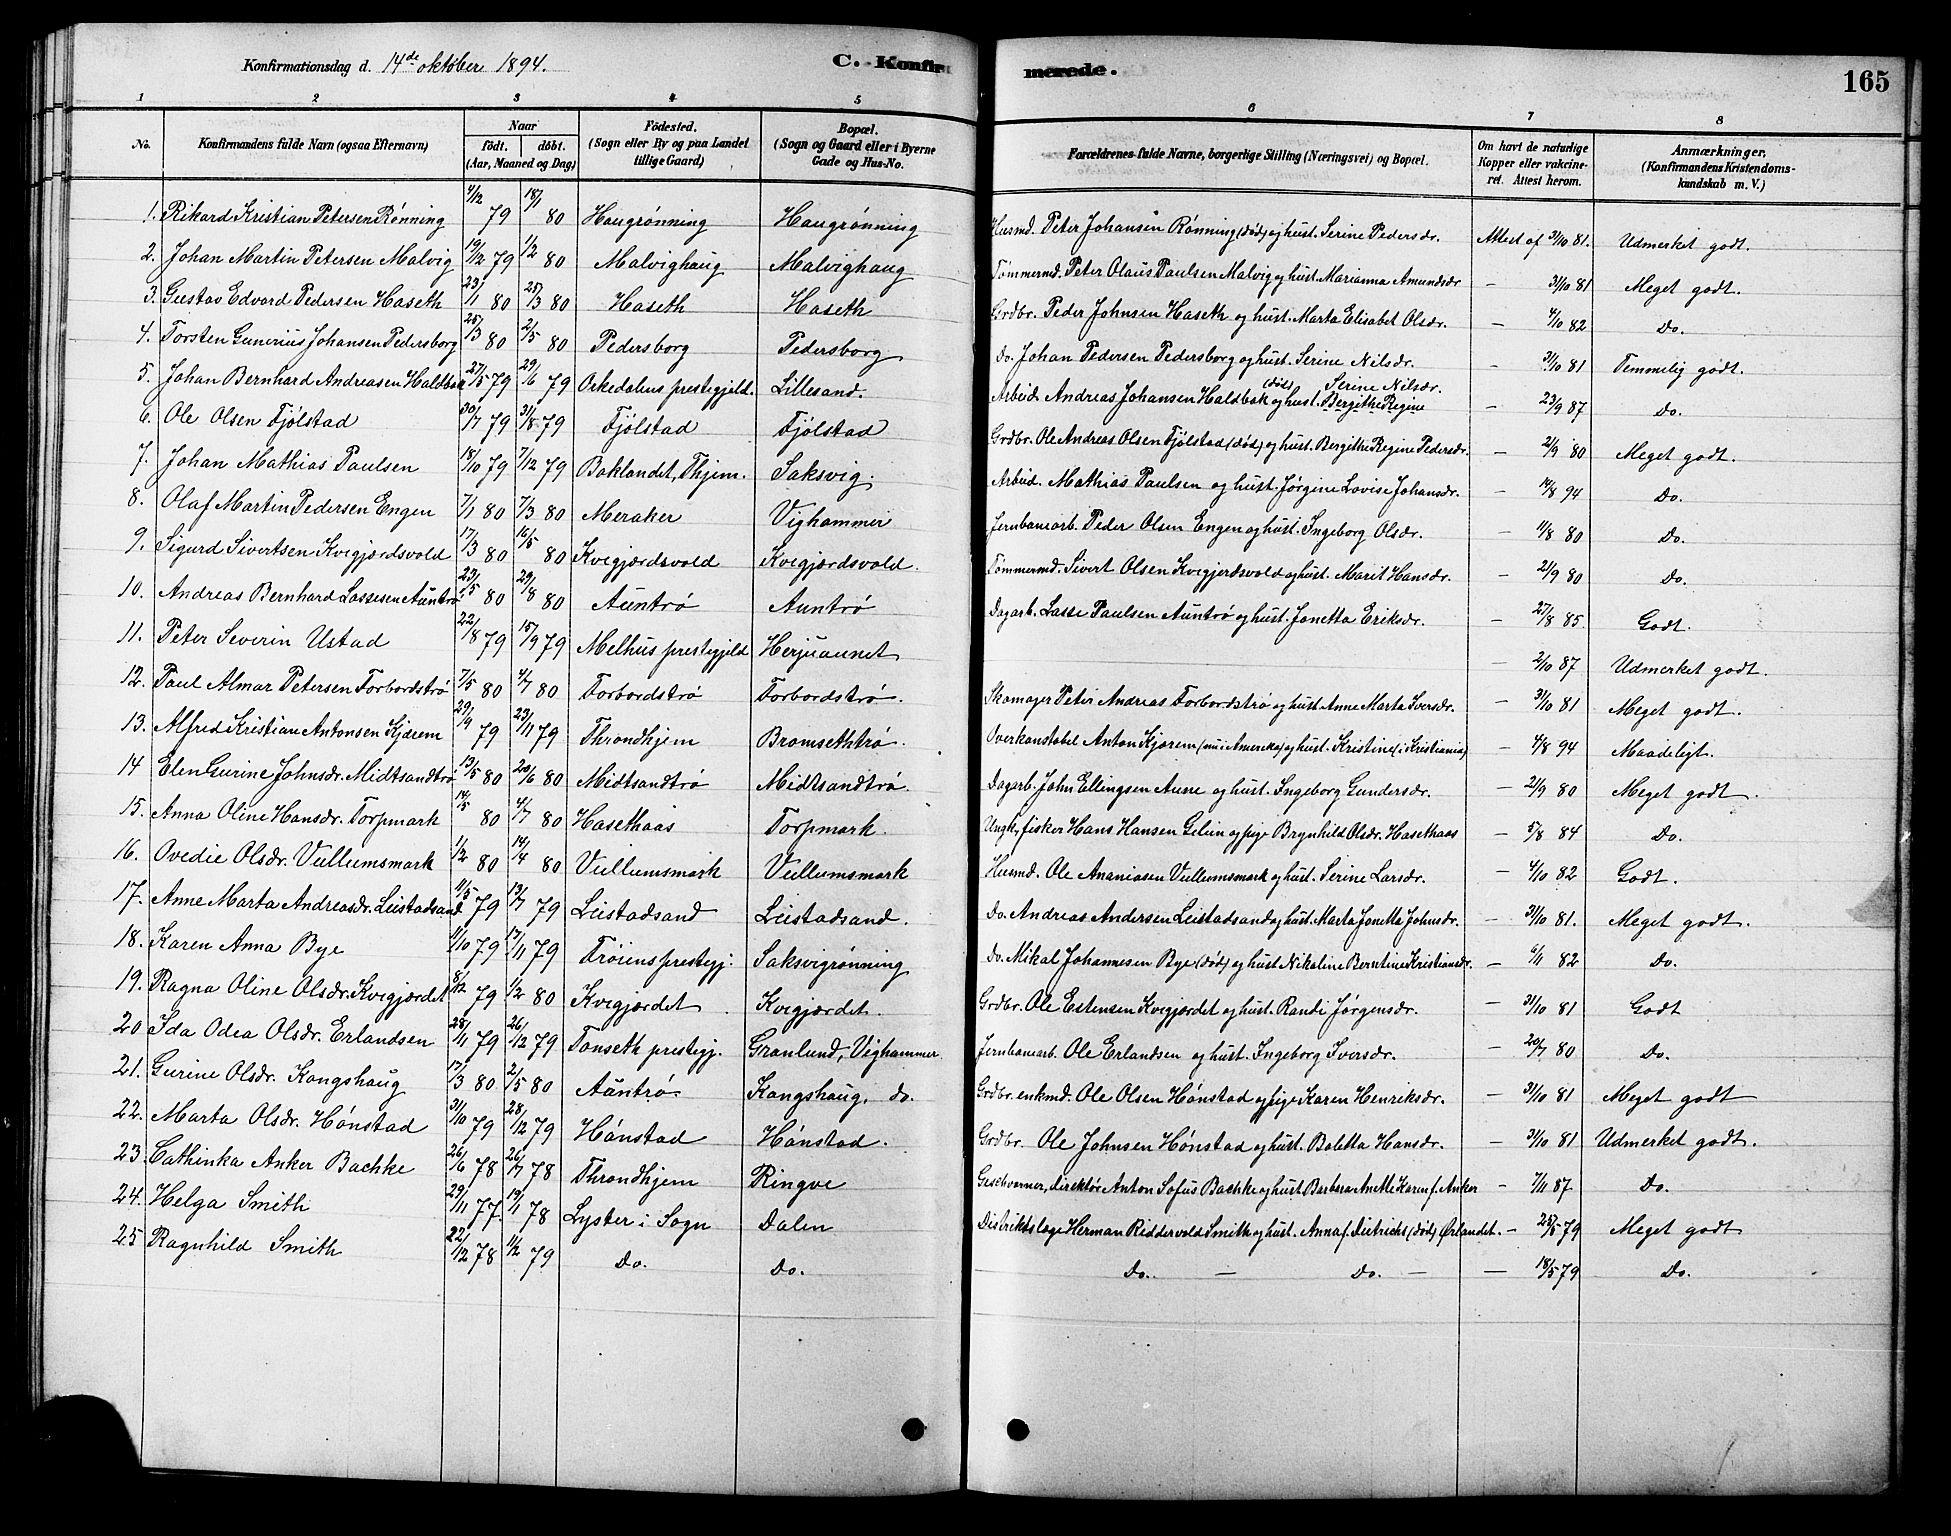 SAT, Ministerialprotokoller, klokkerbøker og fødselsregistre - Sør-Trøndelag, 616/L0423: Klokkerbok nr. 616C06, 1878-1903, s. 165